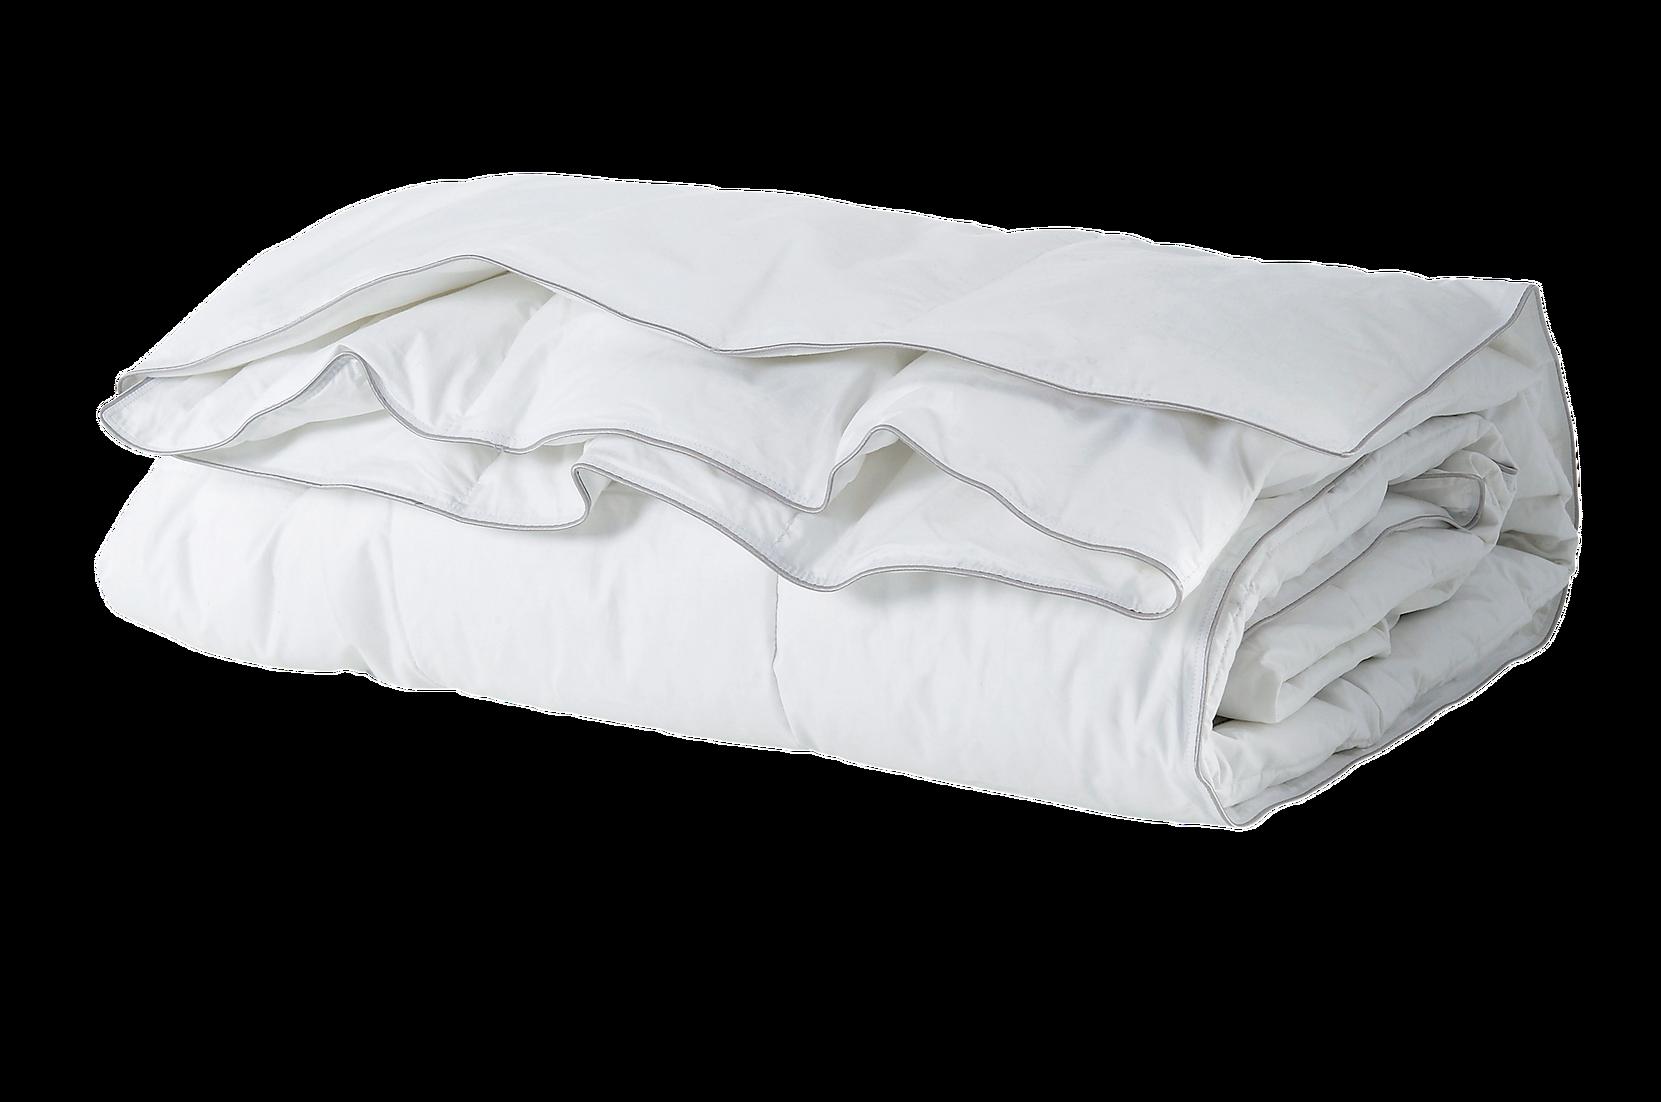 Cambric-peitto 150x200 cm, lämmin, normaali, viileä